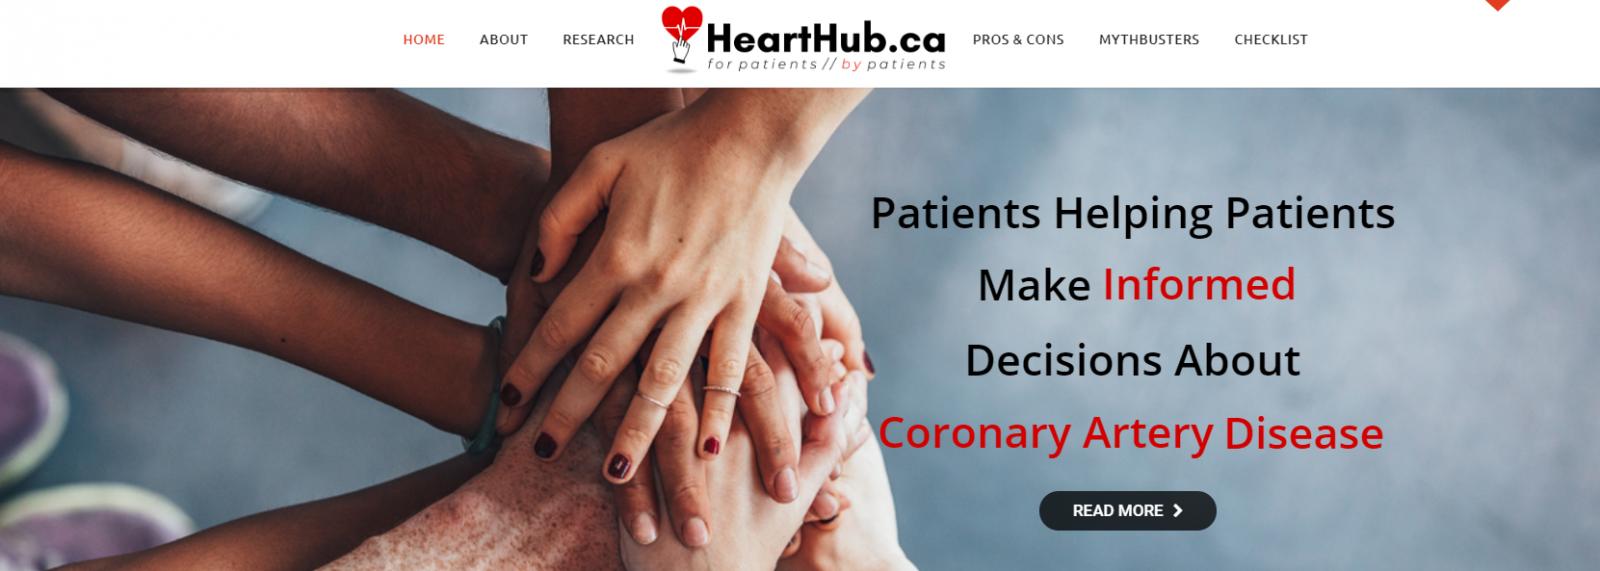 Heart Hub website homepage